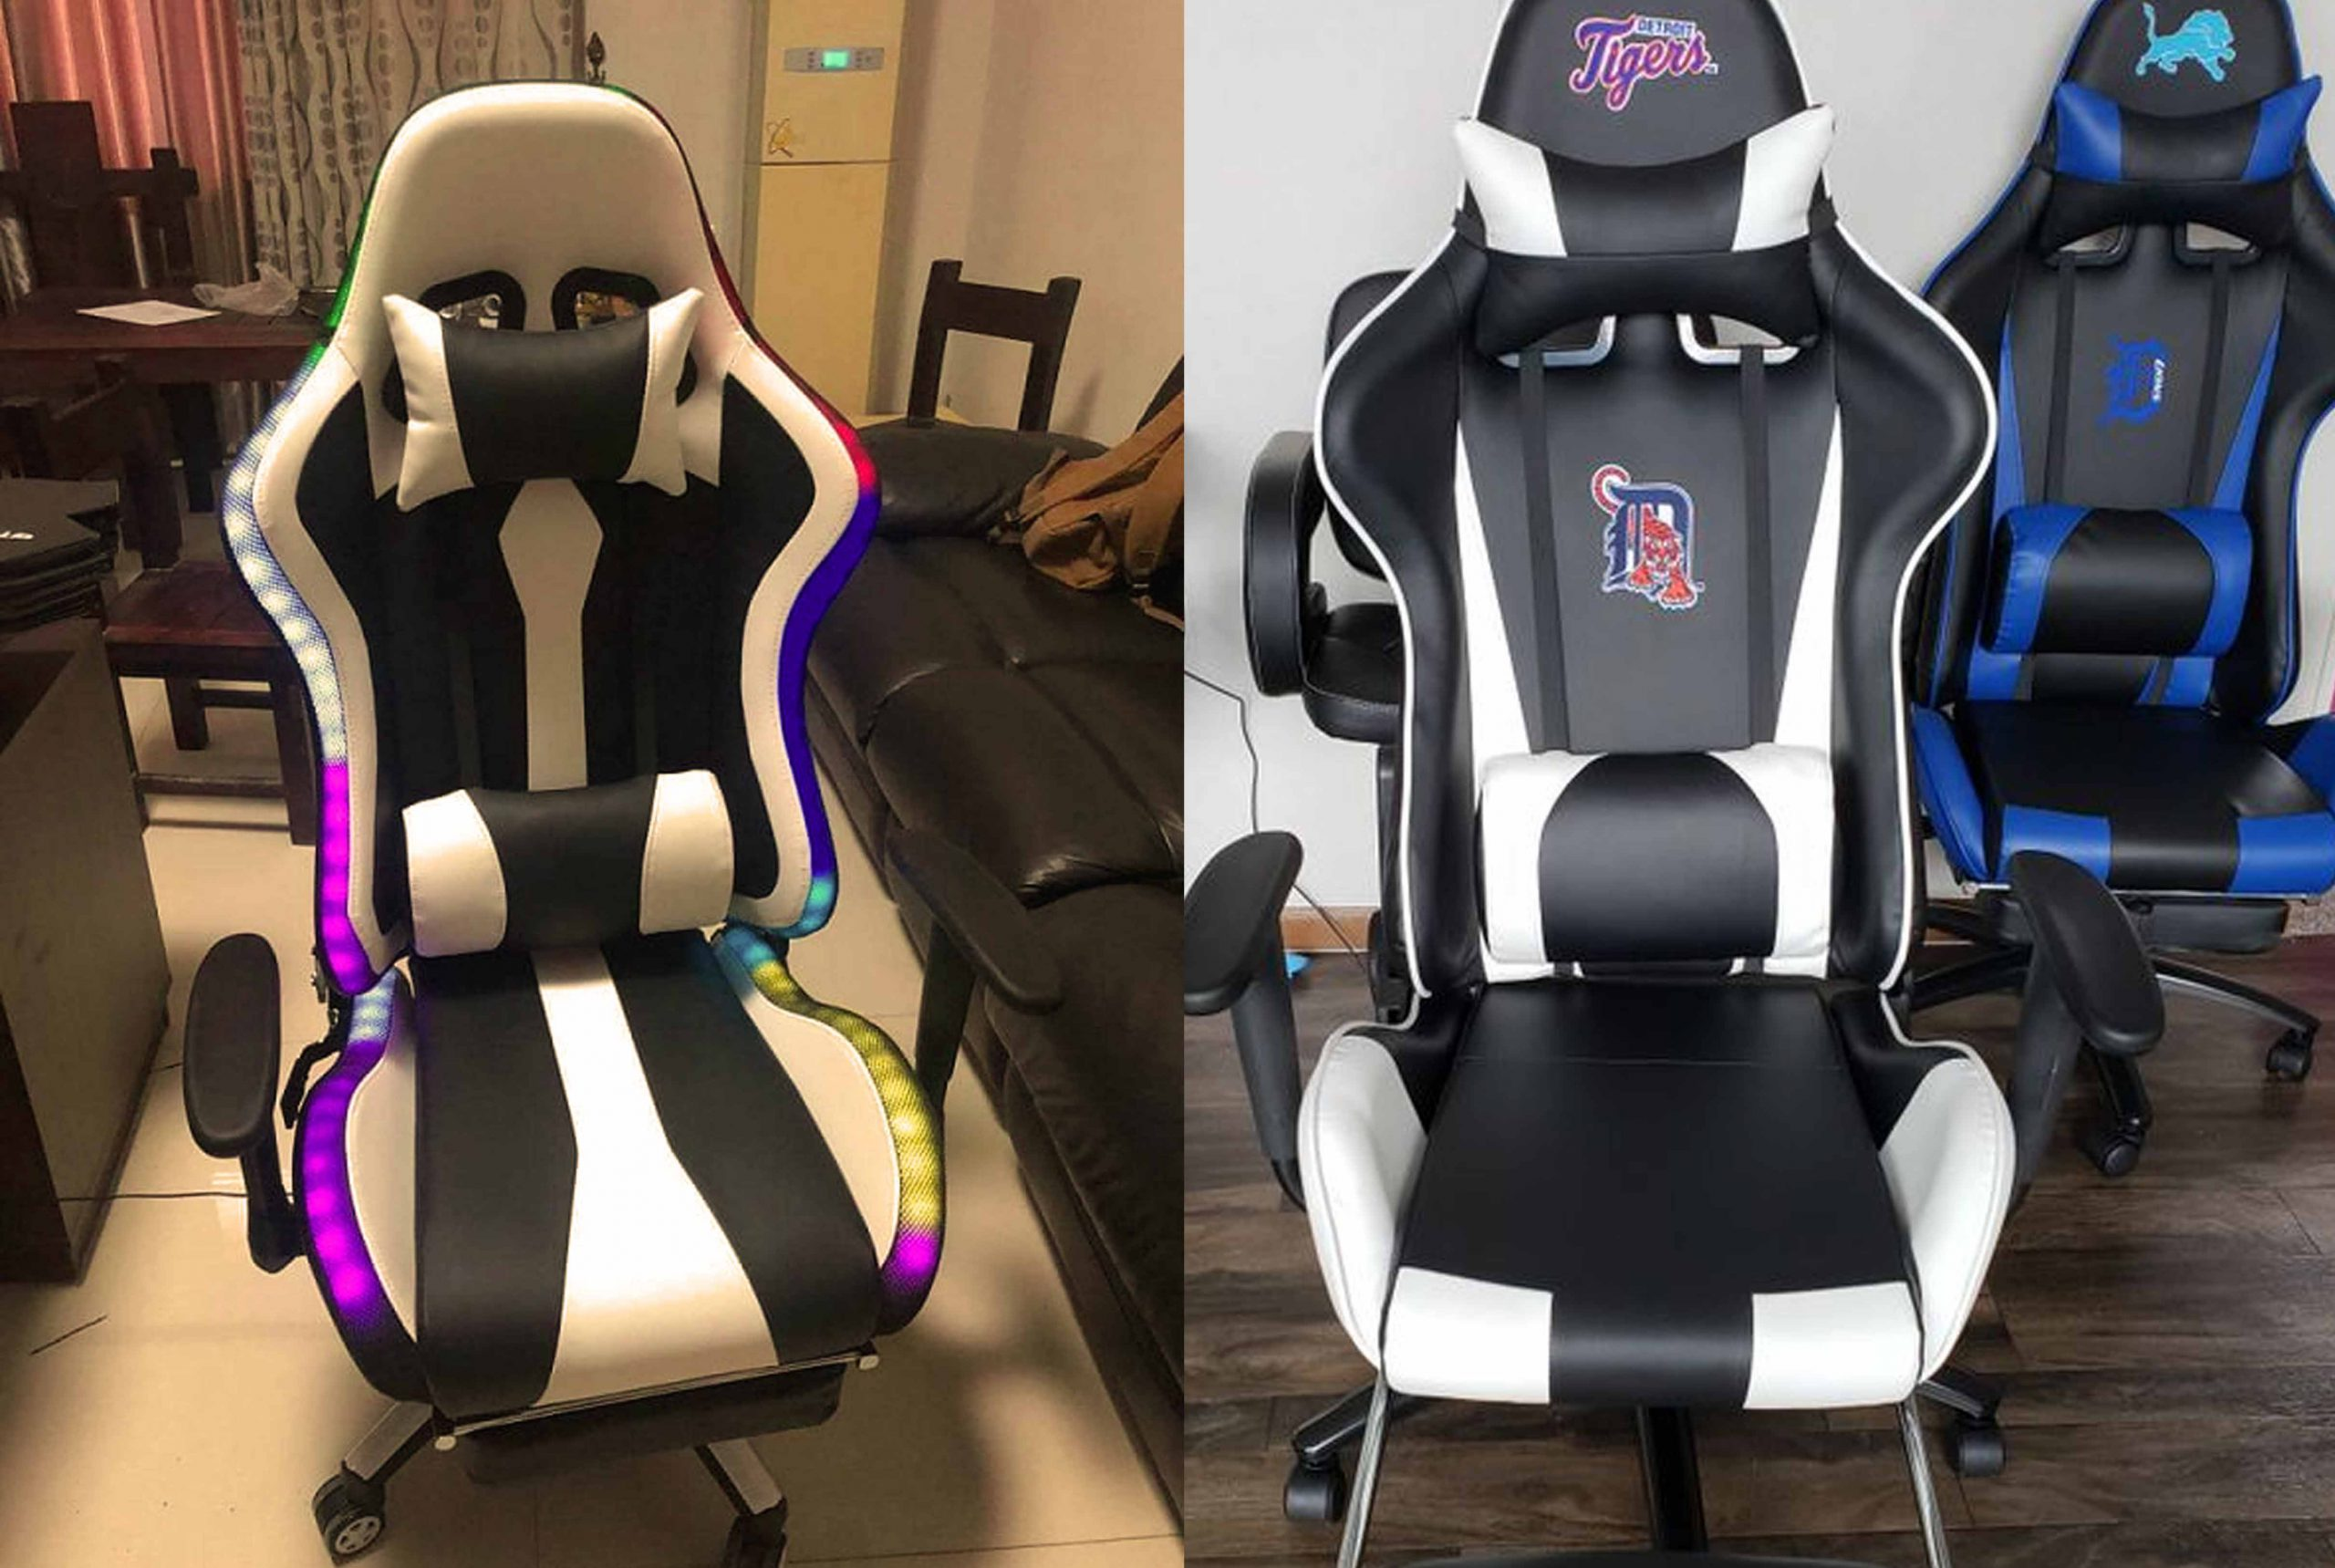 gaming chairs  - صندلی های بازی - معرفی انواع صندلی بازی - gaming chairs - pro gaming chair